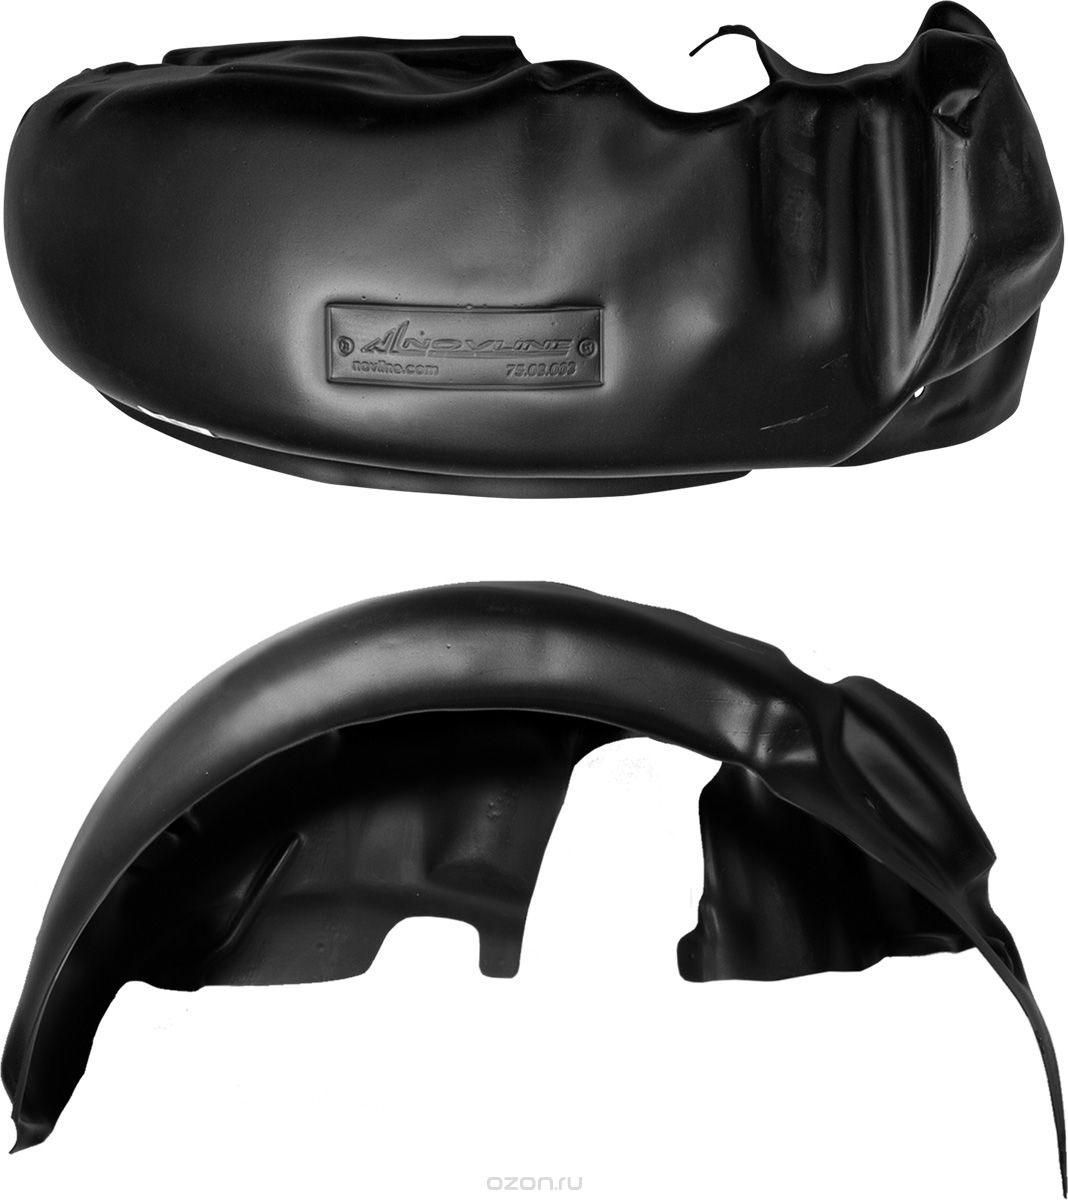 Подкрылок Novline-Autofamily, для KIA Cerato 03/2009-2013, задний правый09066Идеальная защита колесной ниши. Локеры разработаны с применением цифровых технологий, гарантируют максимальную повторяемость поверхности арки. Изделия устанавливаются без нарушения лакокрасочного покрытия автомобиля, каждый подкрылок комплектуется крепежом. Уважаемые клиенты, обращаем ваше внимание, что фотографии на подкрылки универсальные и не отражают реальную форму изделия. При этом само изделие идет точно под размер указанного автомобиля.